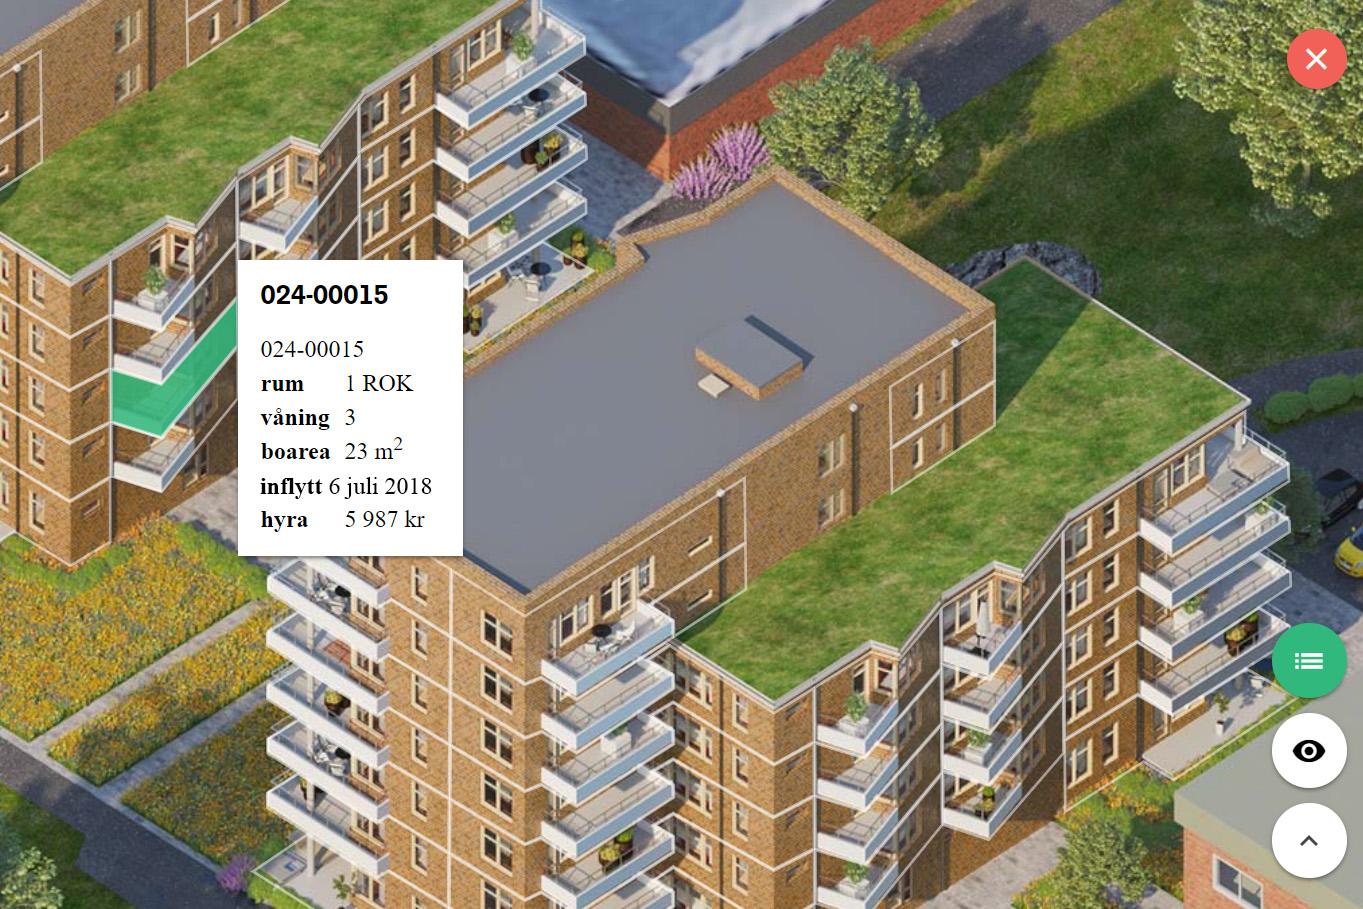 Parkhusens interaktiva lägenhetsväljare